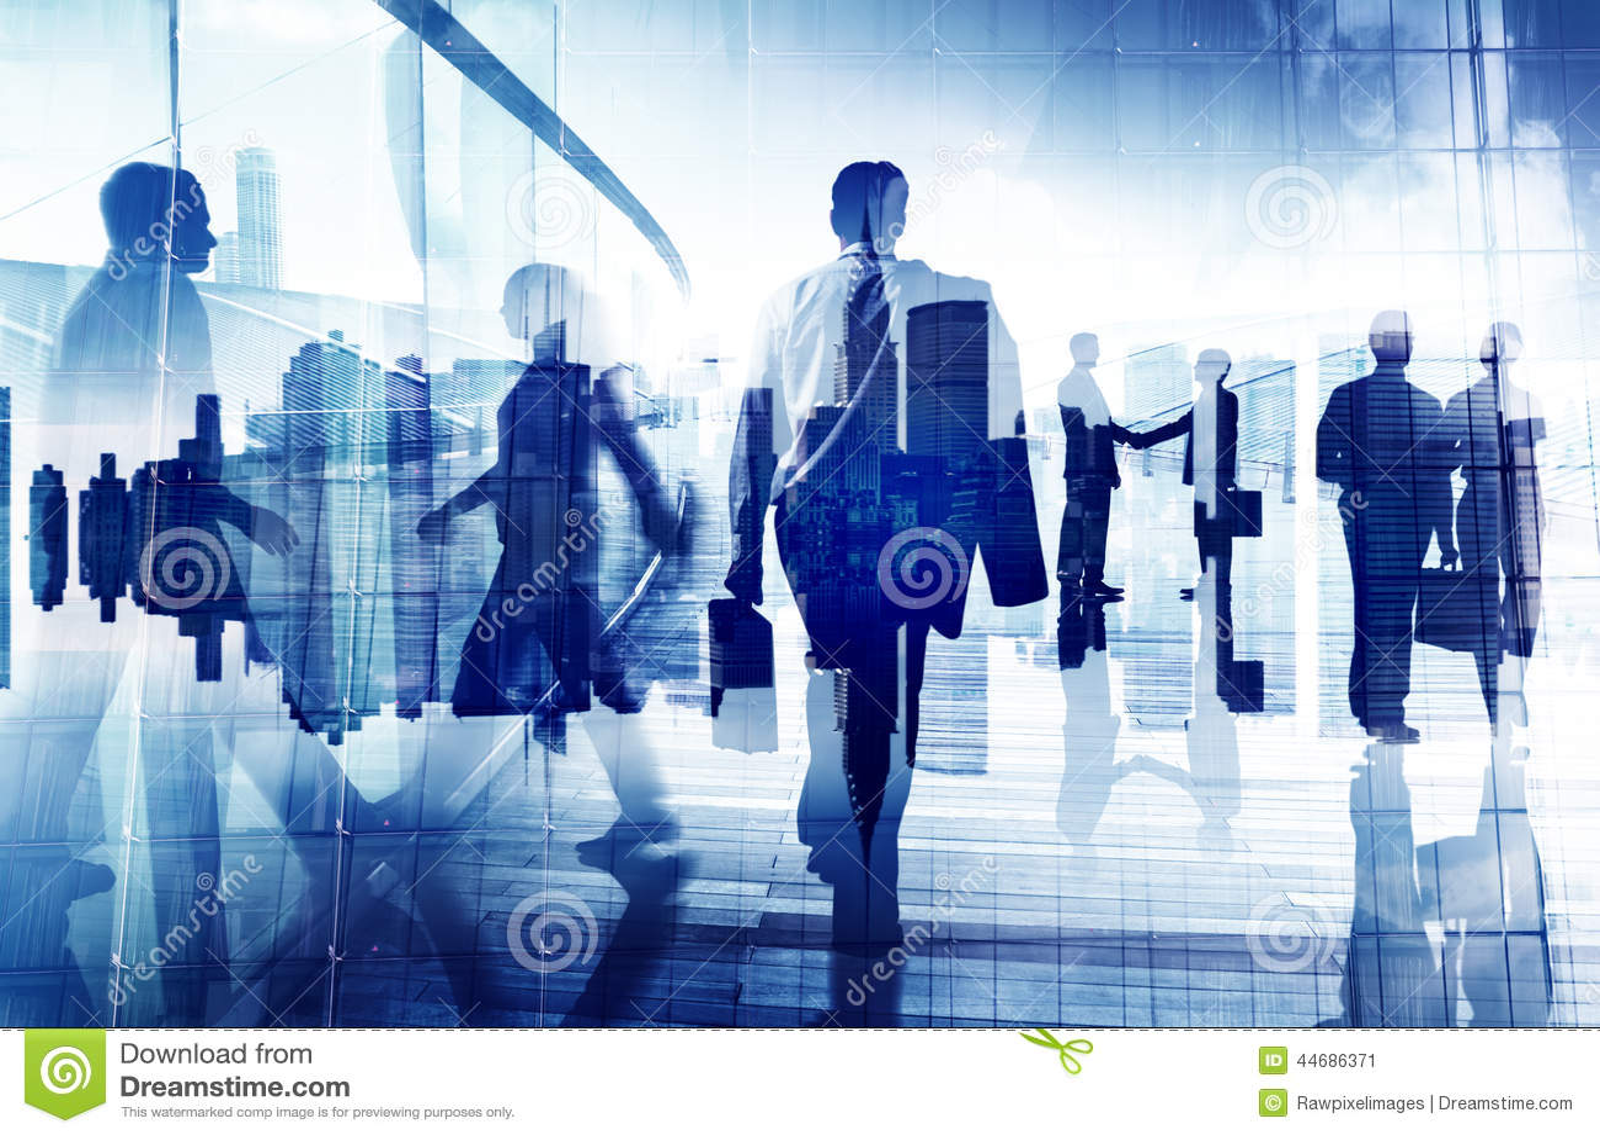 Schattenbilder von Geschäftsleuten in einem Bürogebäude